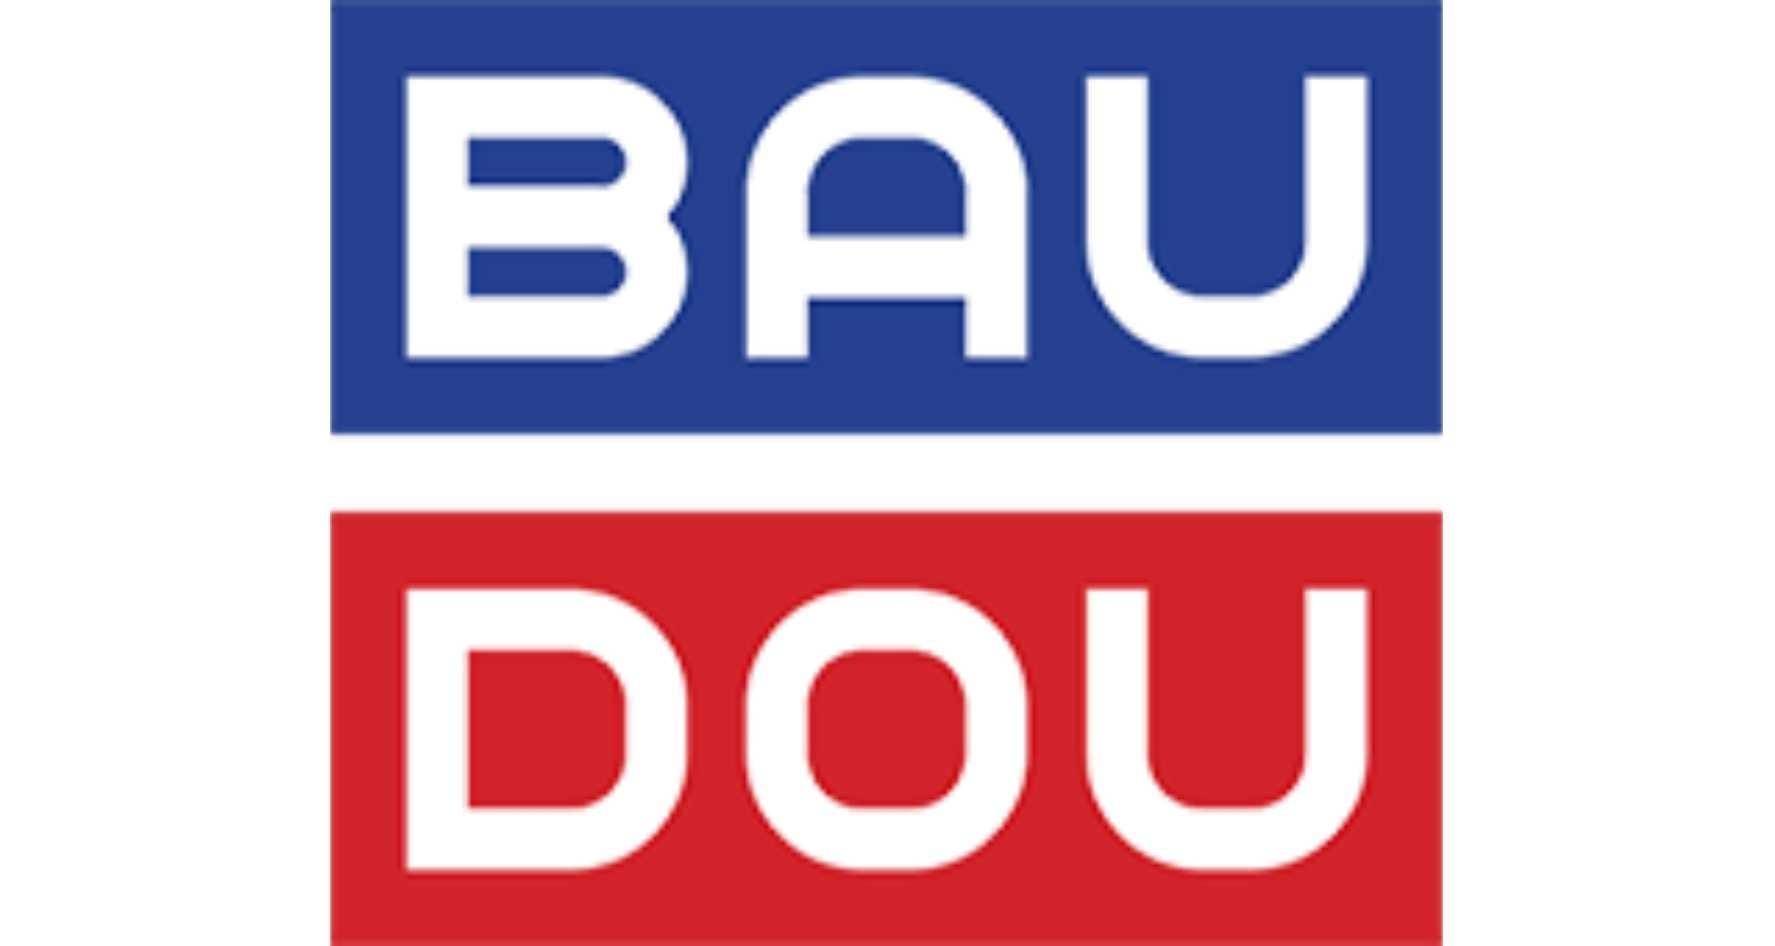 BAUDOU